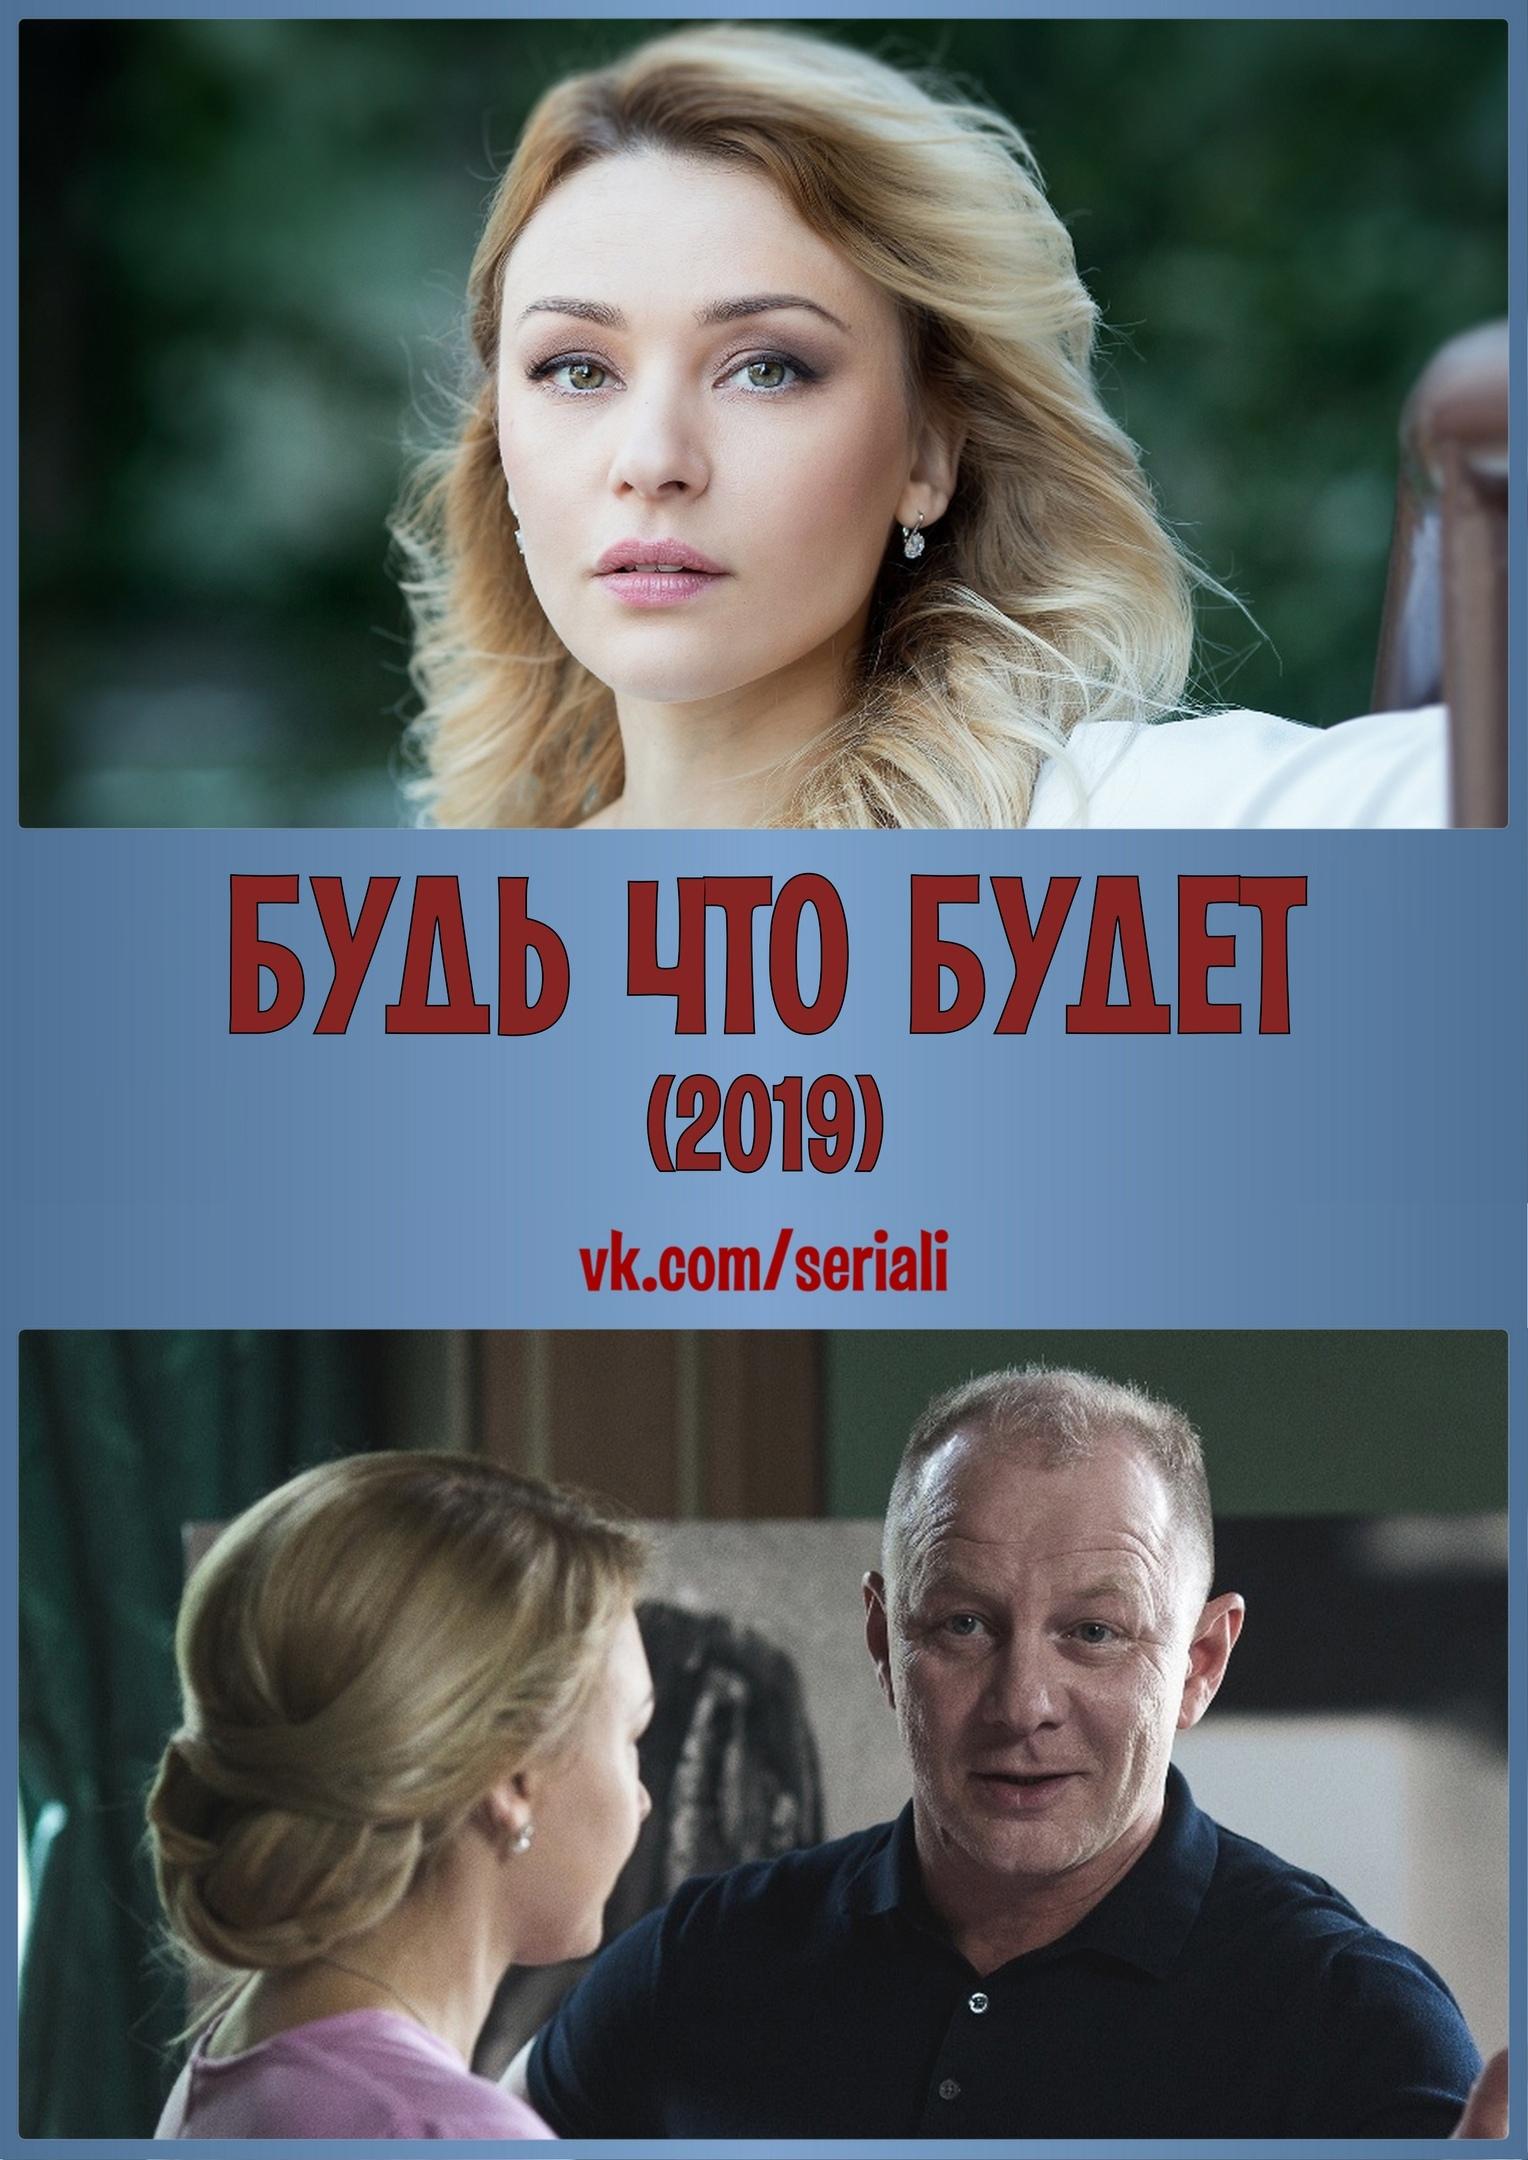 Мелодрама «Бyдь чтo бyдeт» (2019) 1-4 серия из 4 HD